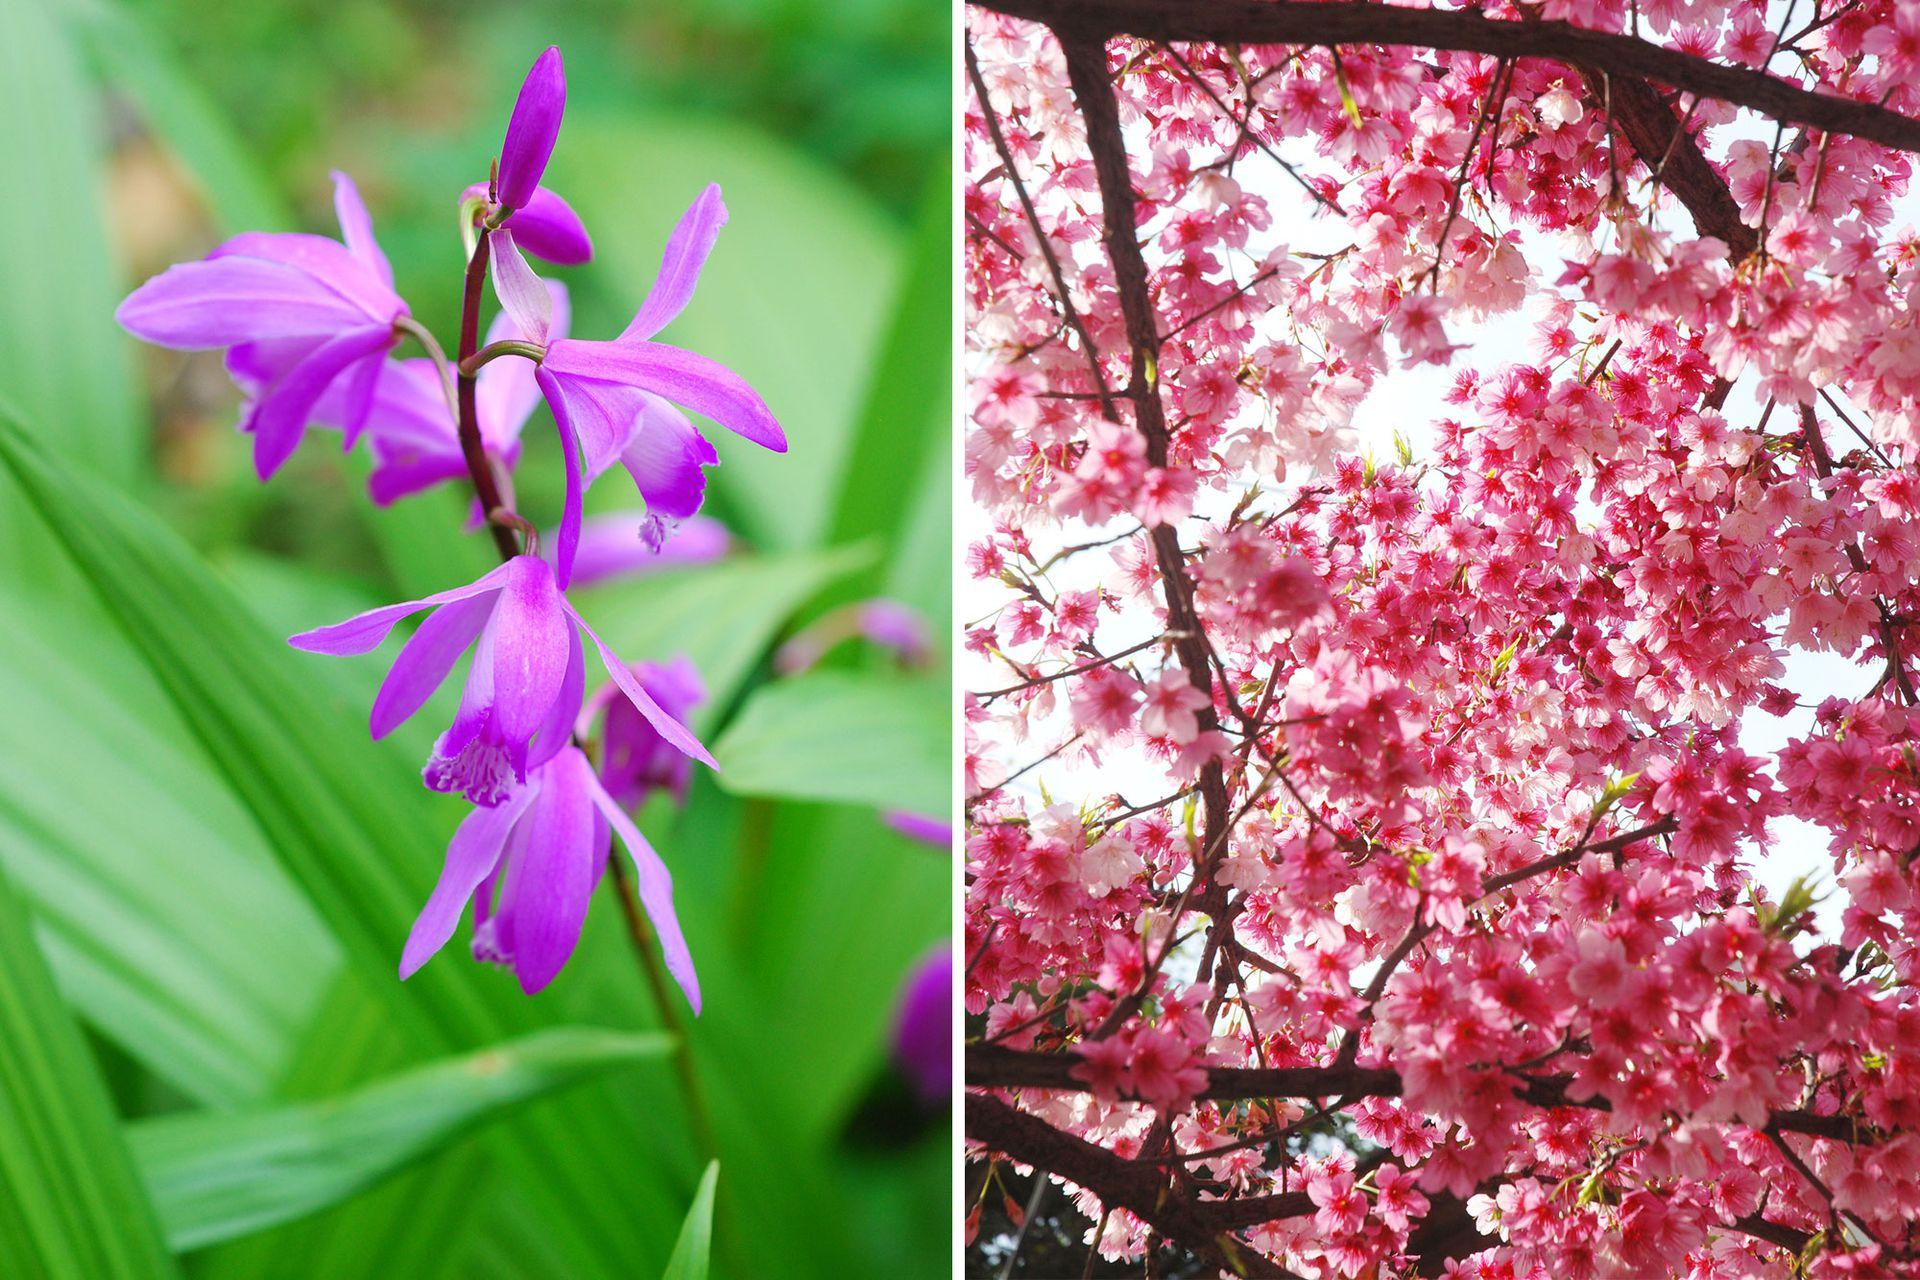 Izquierda: Bletilla striata, una orquídea terrestre, rústica en zonas de clima templado cálido. Florece en primavera. Derecha: Prunus campanulata es el cerezo de flor que mejor crece en zonas templadas y cálidas. Pequeño árbol con flores que van del fucsia al rosa pálido. Las hojas toman coloraciones rojizas en otoño.